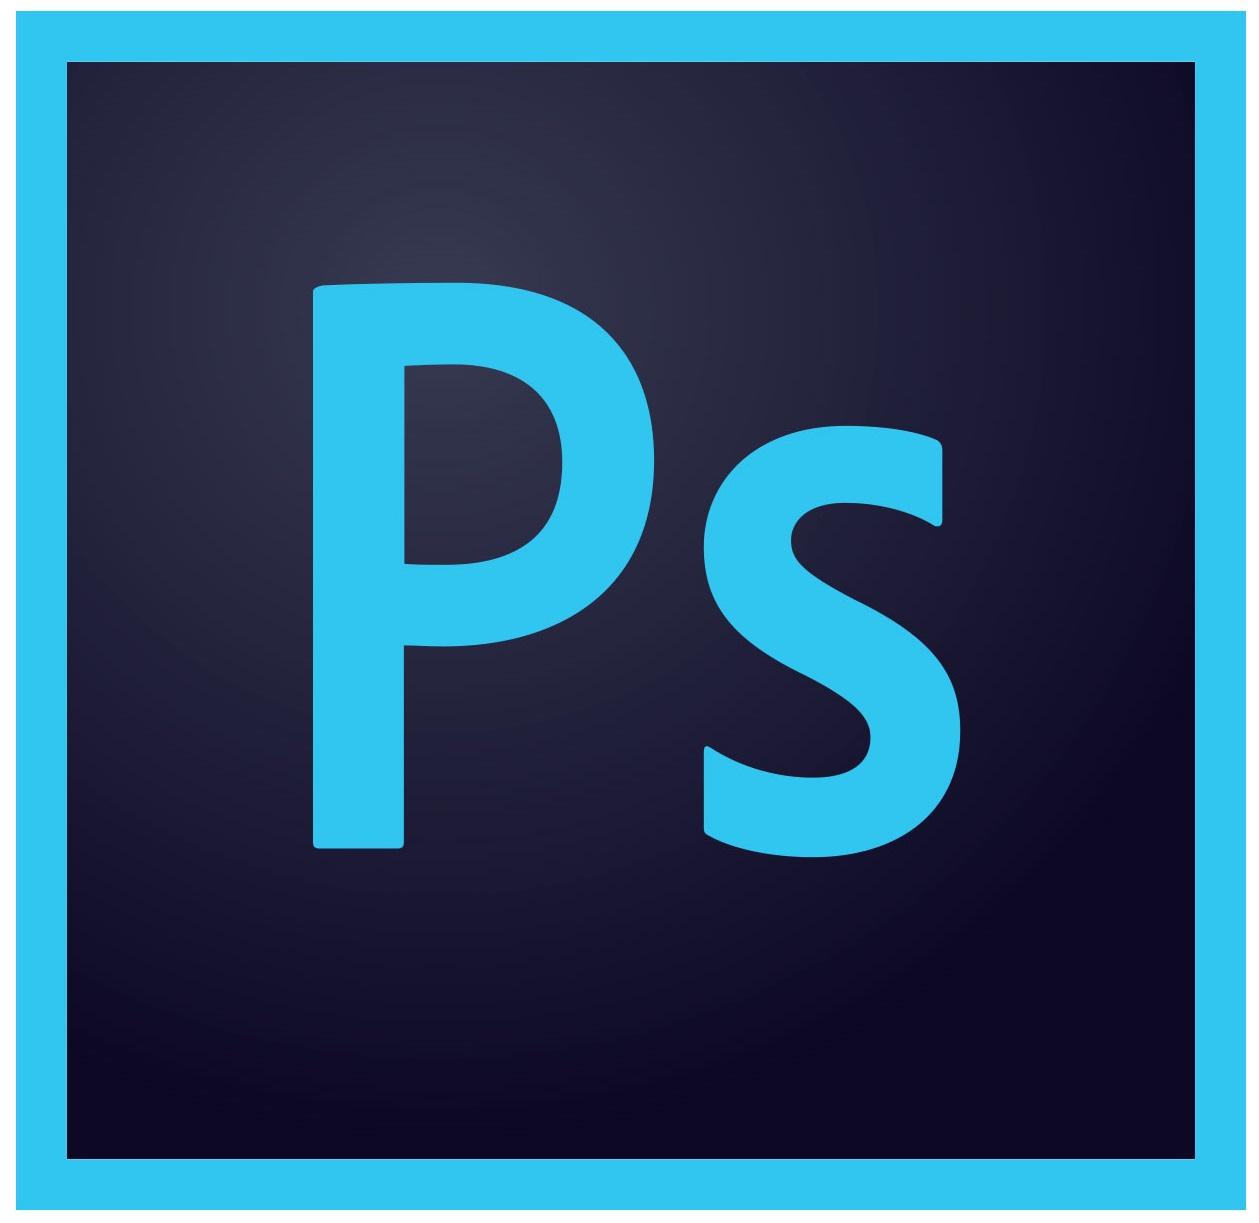 Photoshop cc 2017 hintergrund transparent